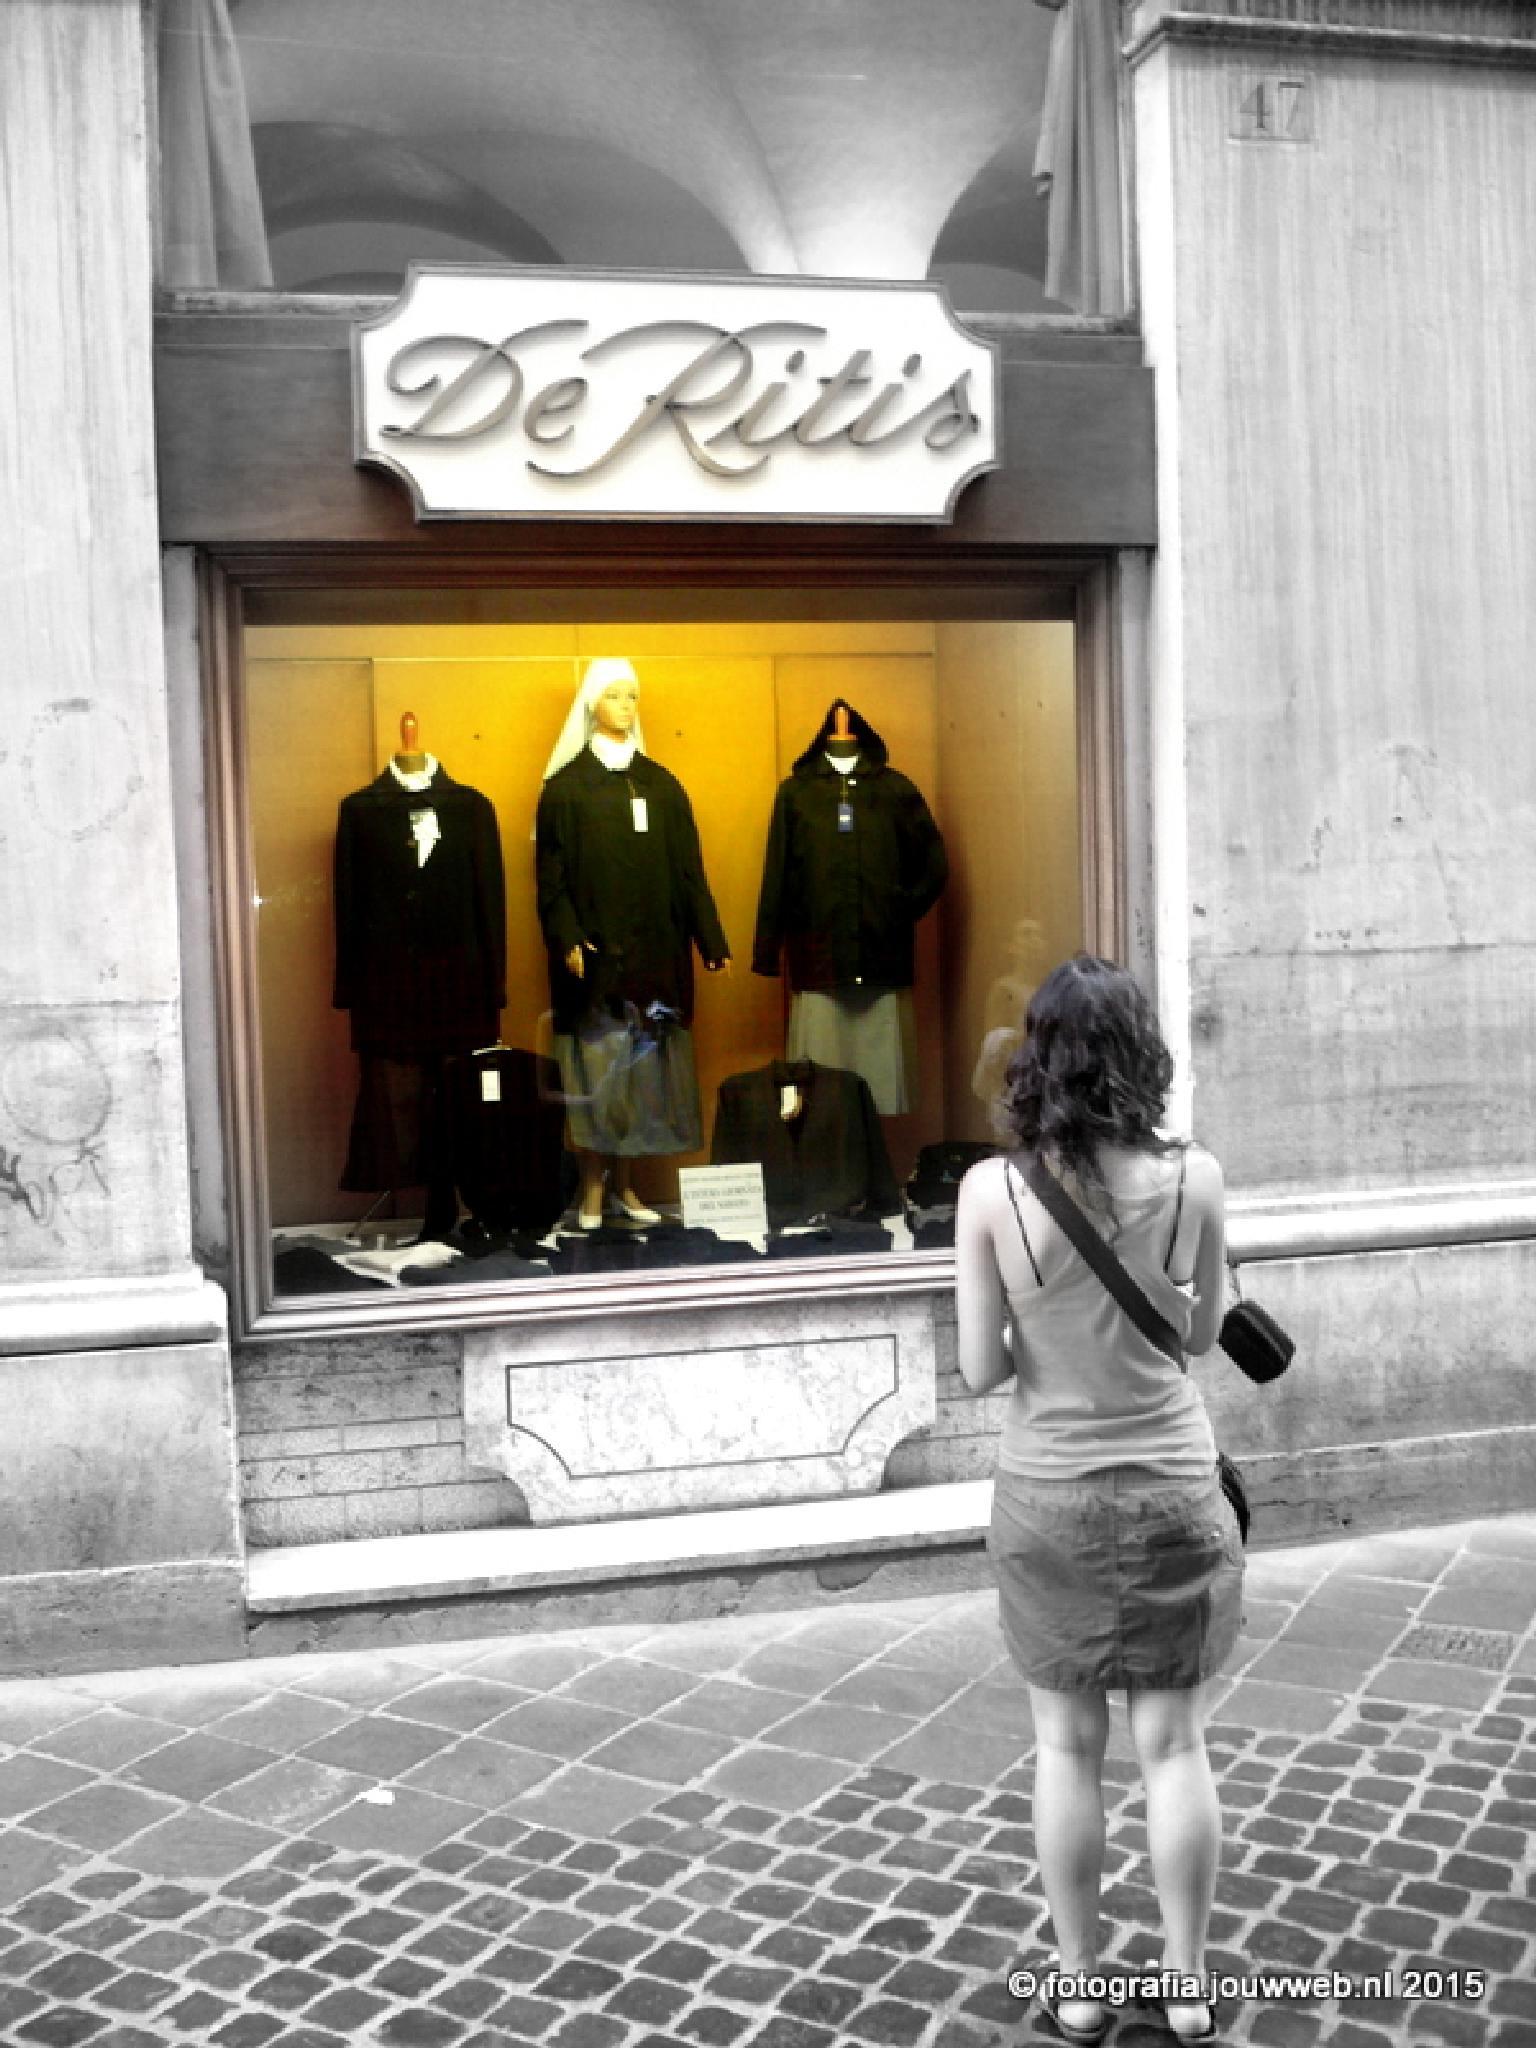 Windowshopping in Rome by Giorg'io Bollo di Rabbia